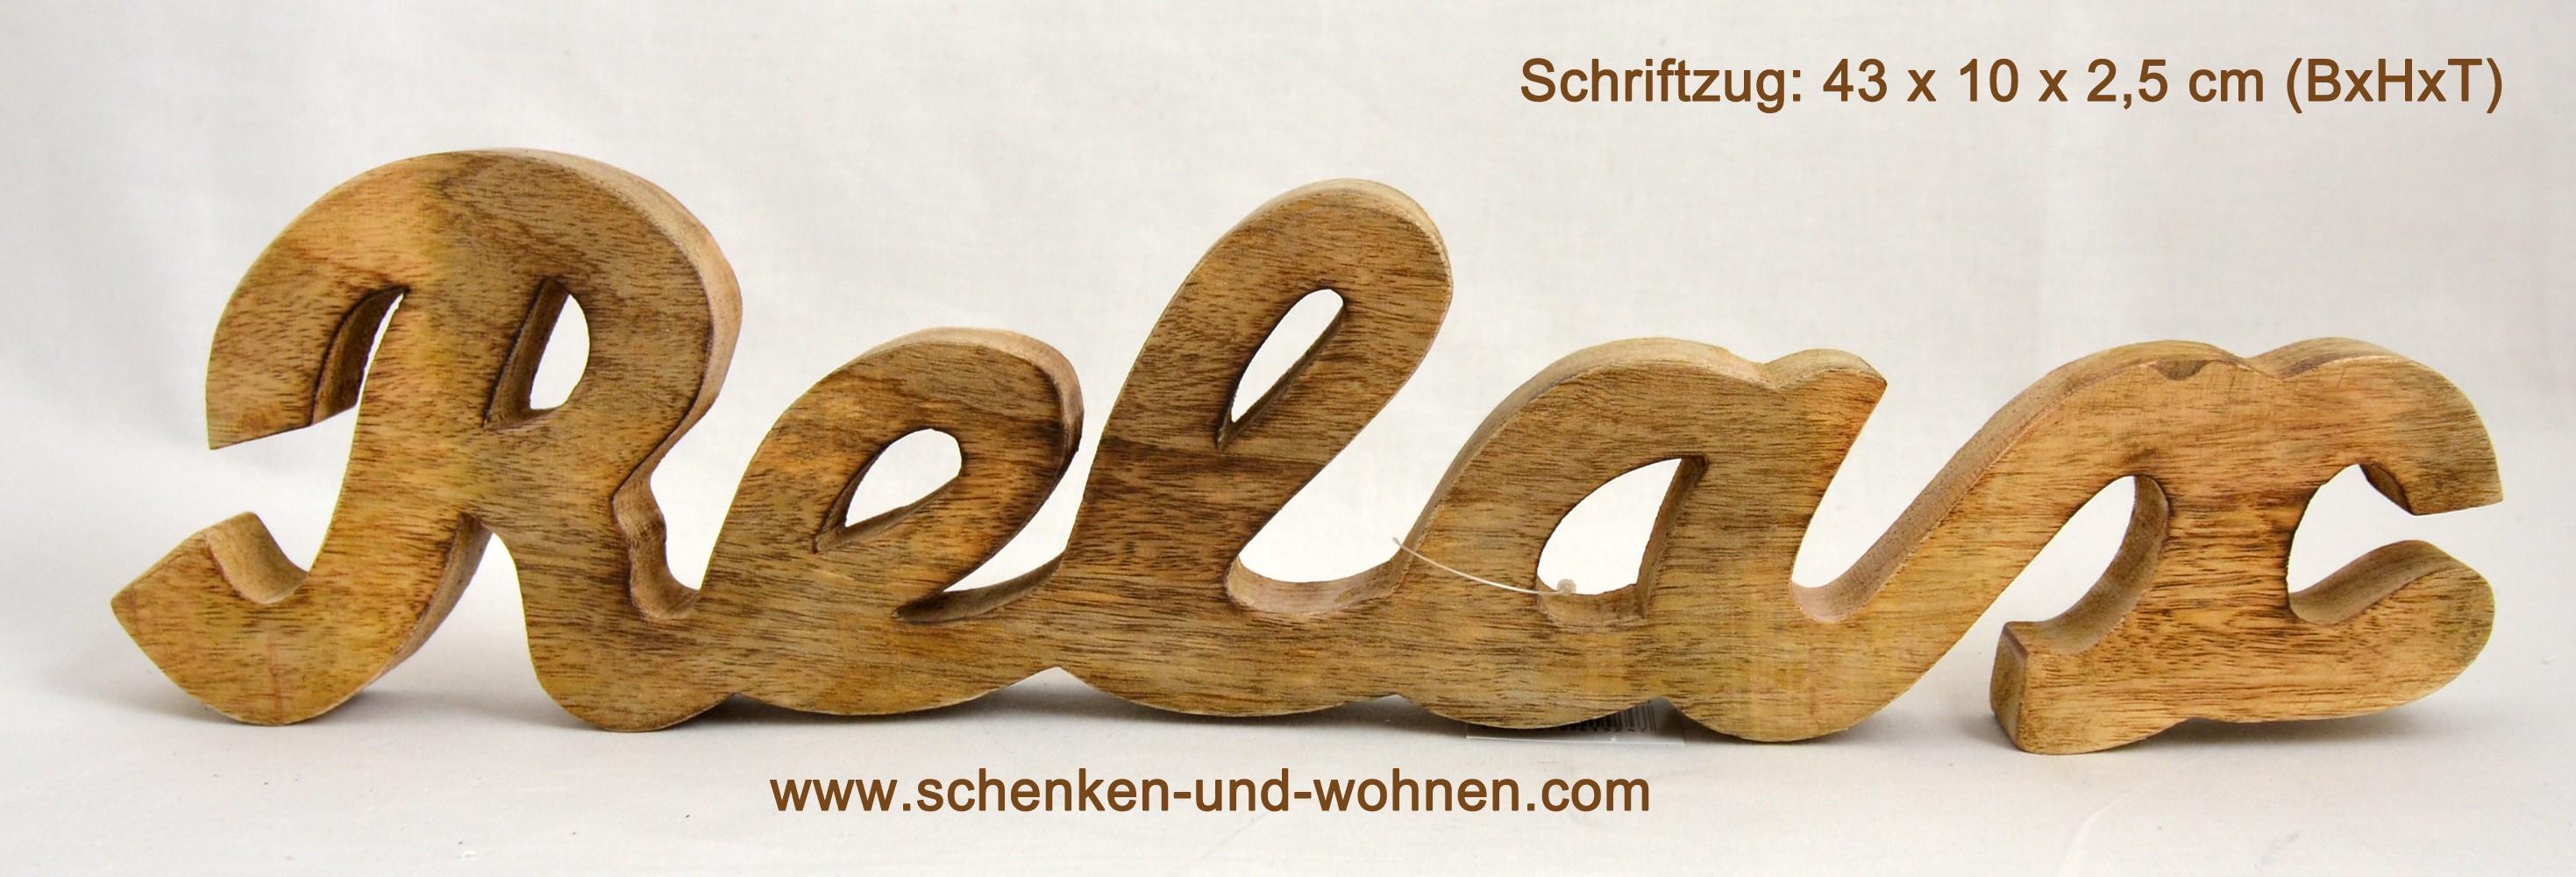 Schriftzug Aufsteller Holz Relax 43 x 10 x 2,5 cm (BxHxT)